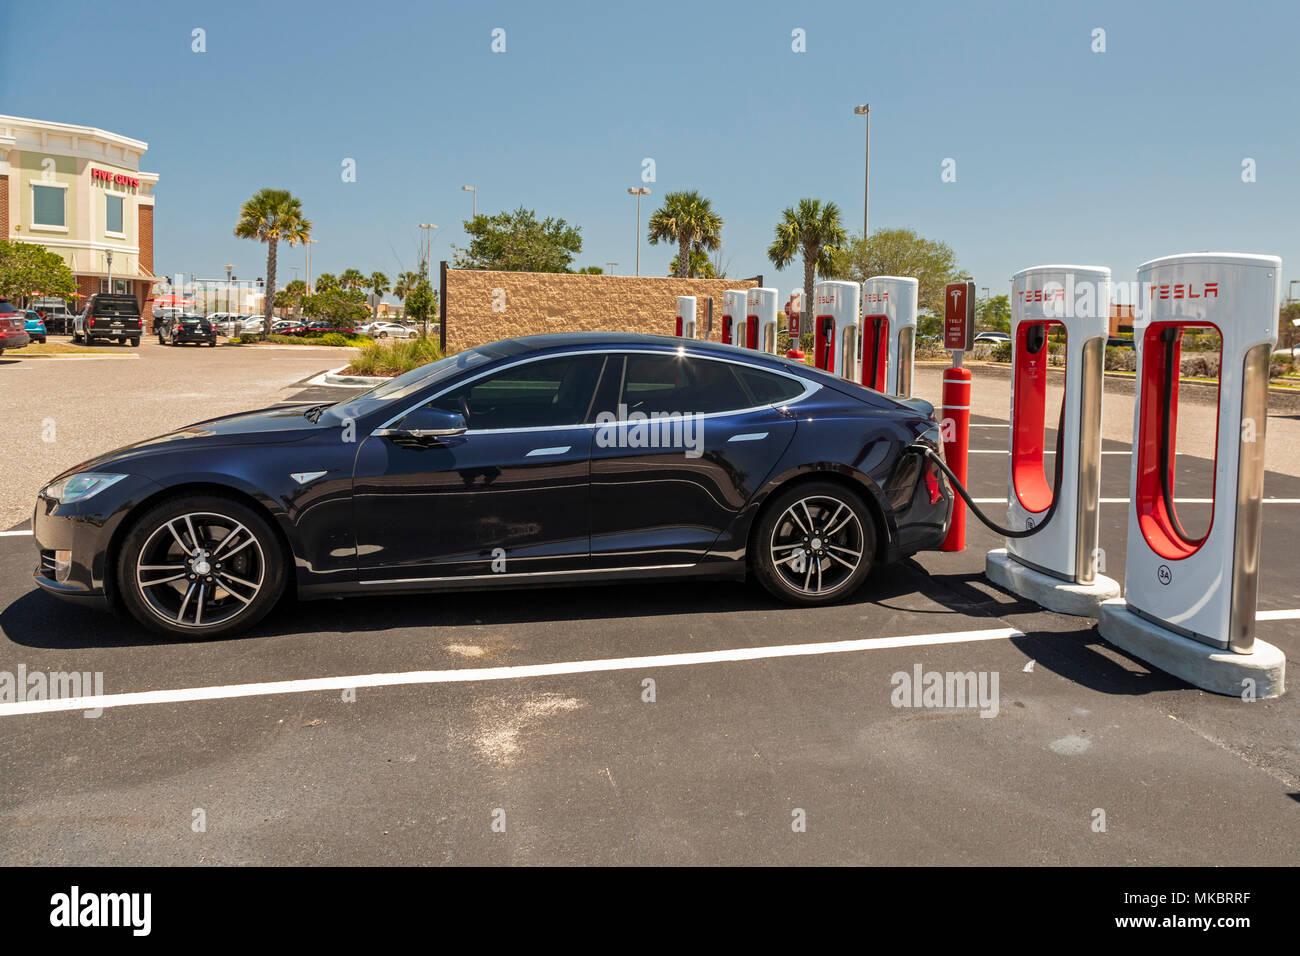 West Melbourne, Floride - Une Tesla Model S à charge une voiture électrique Supercharger. Photo Stock